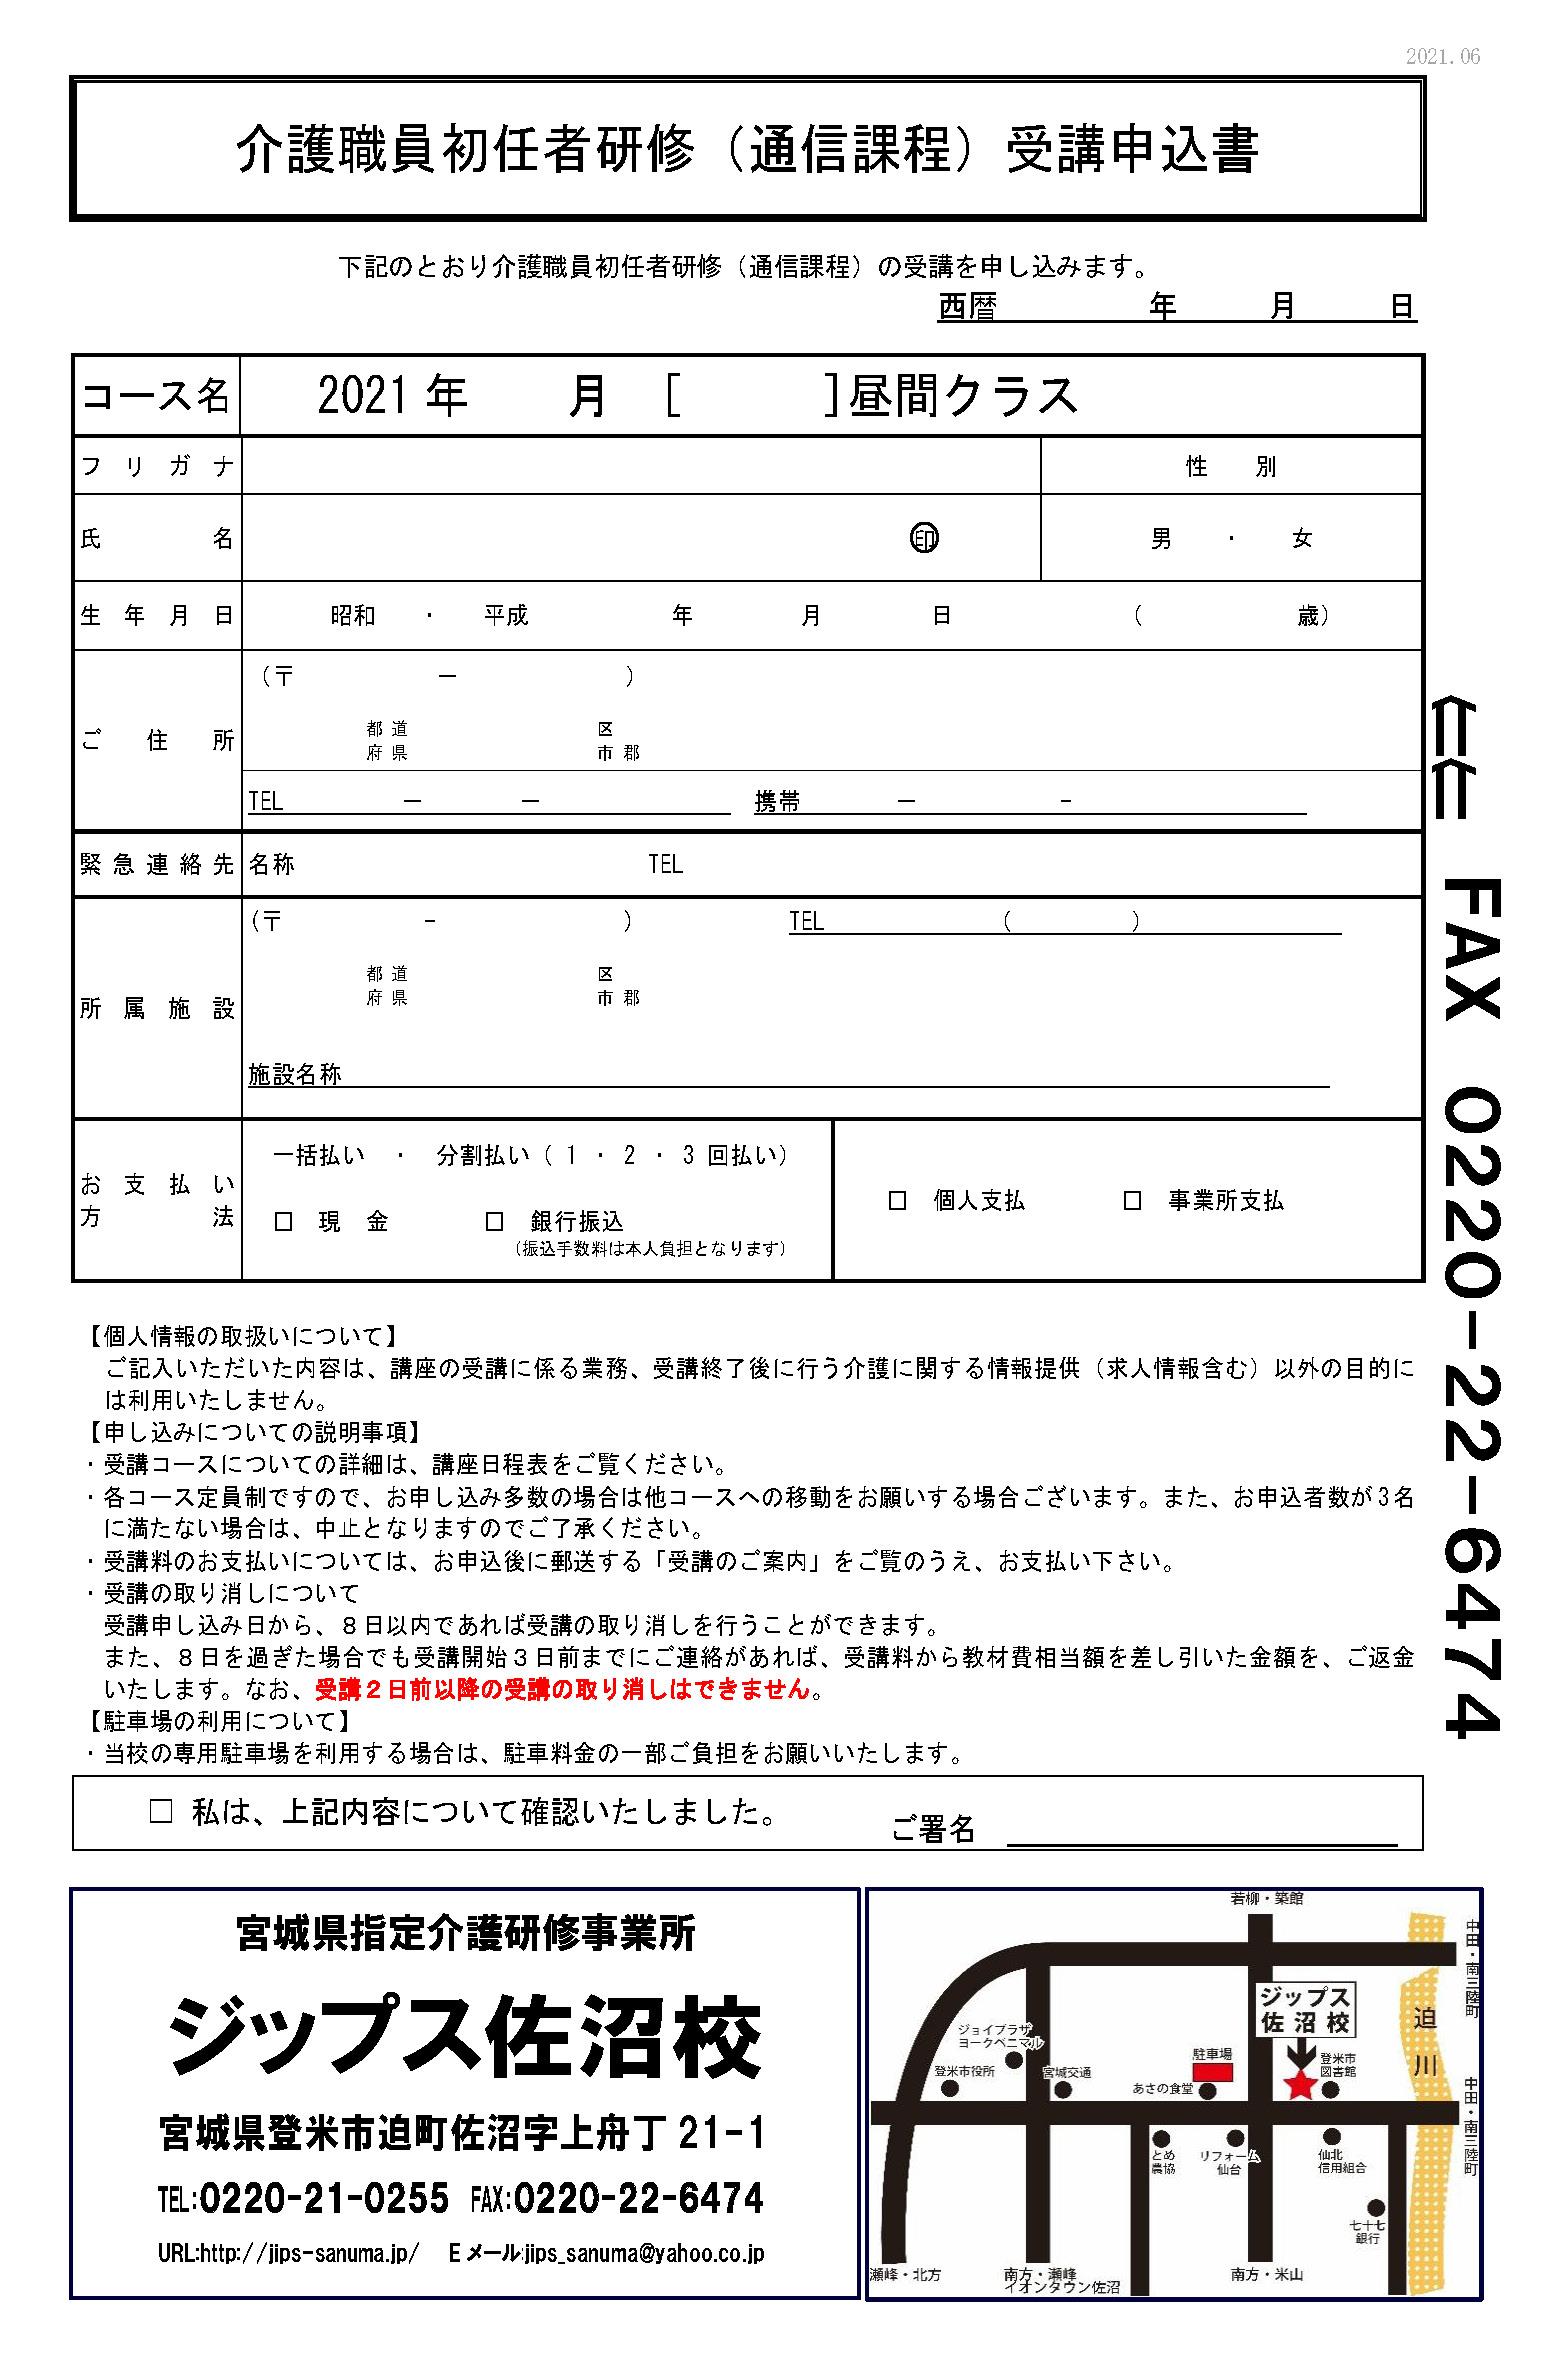 初任者研修募集チラシ2021年7月-9月_ページ_2